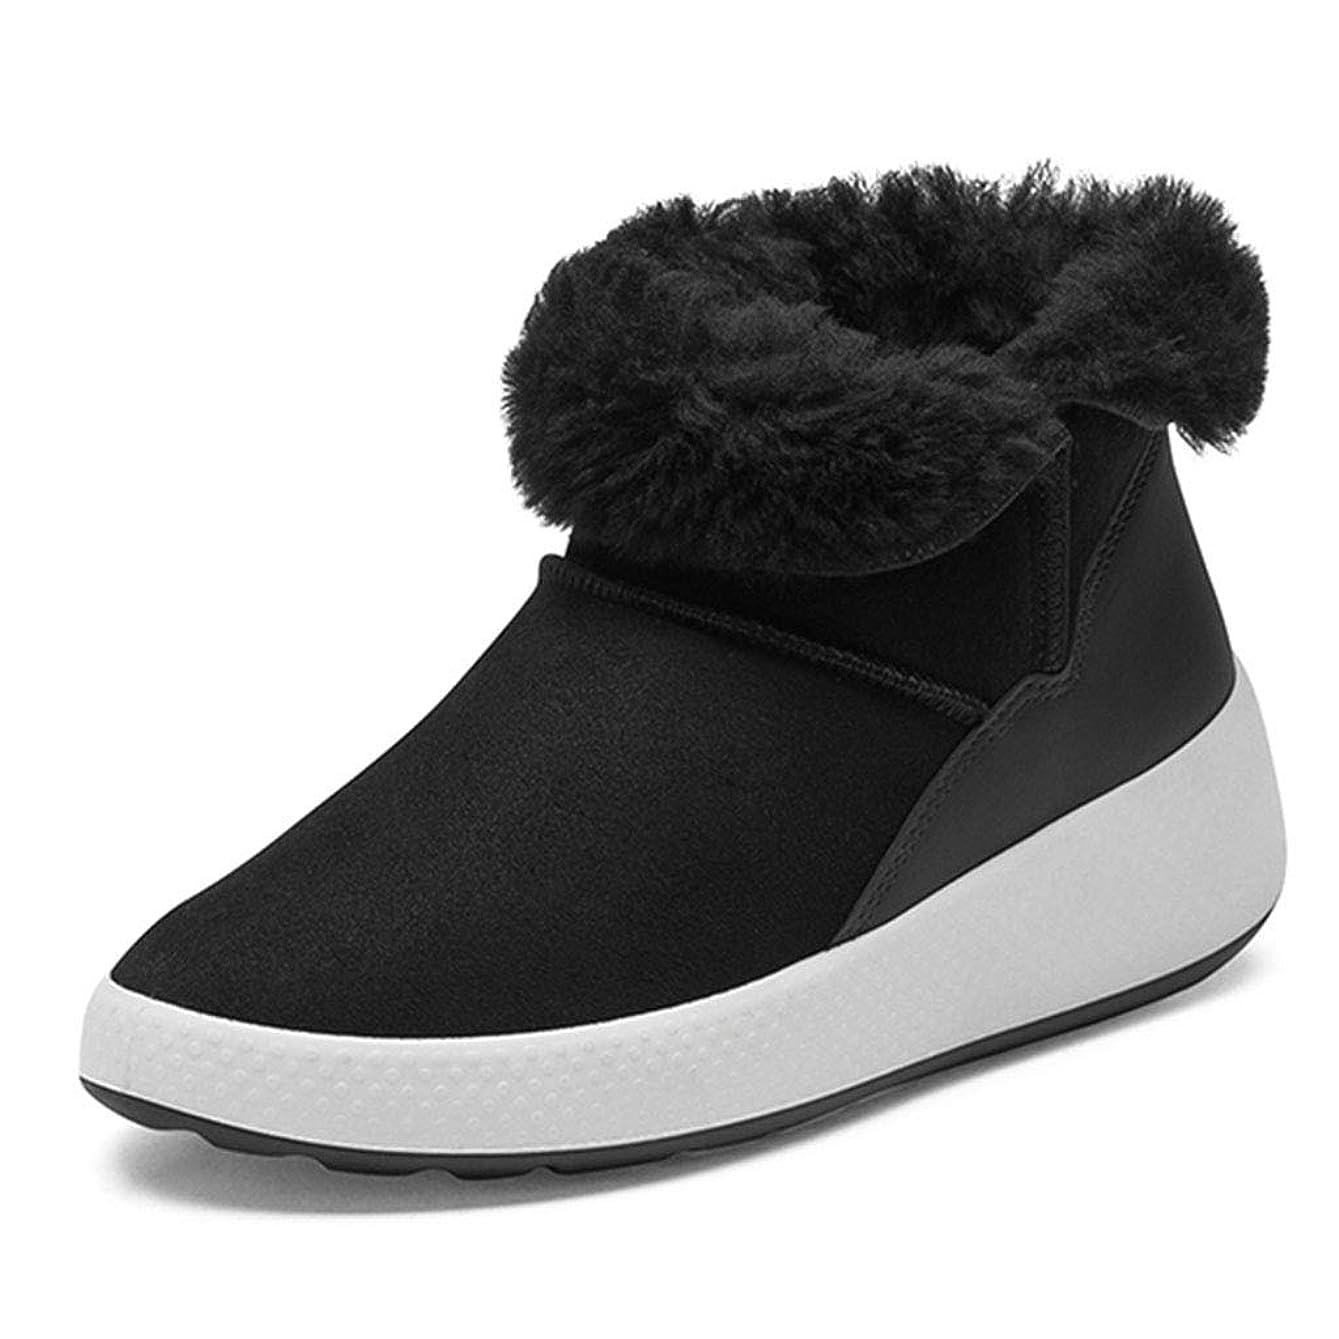 選択処理グレートオークフラットブーツ女性の冬滑り止めカジュアルシューズ防水歩行靴ファー暖かい雪ブーツ 安全?保護用品 (Color : Black, Size : 37)